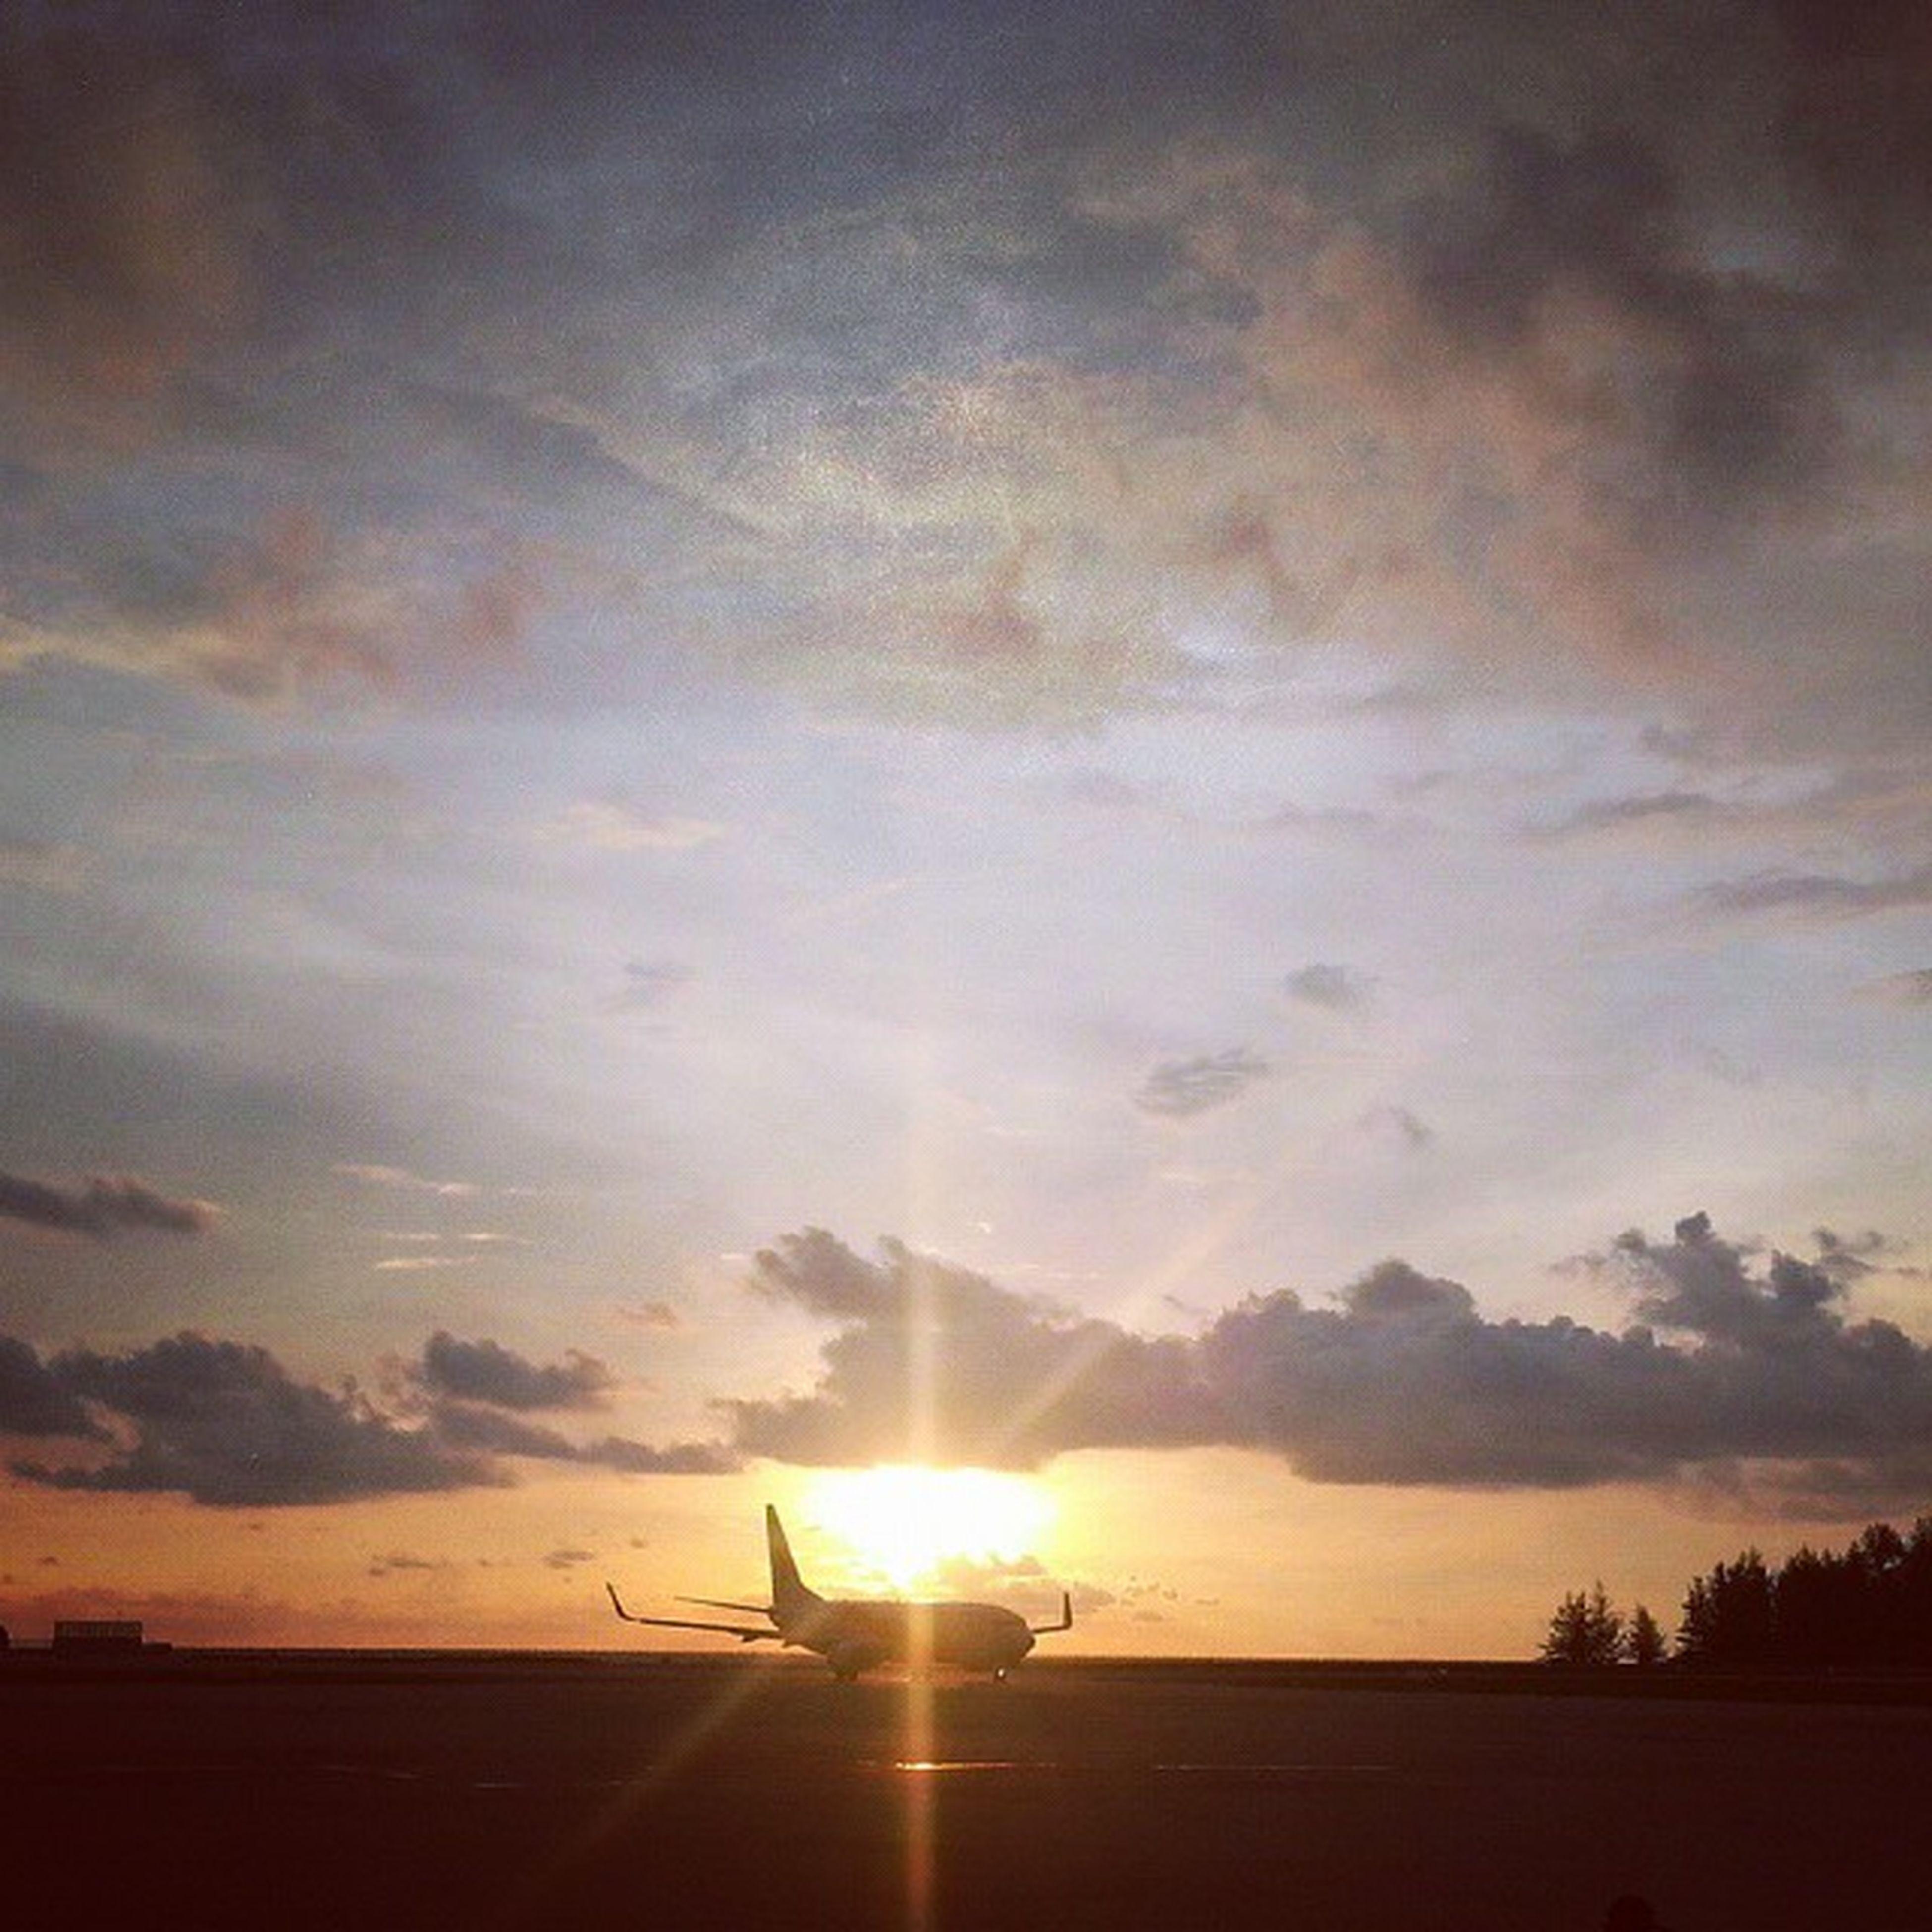 sunset, sun, sky, scenics, tranquil scene, tranquility, beauty in nature, sunbeam, silhouette, sunlight, orange color, cloud - sky, nature, idyllic, lens flare, landscape, sea, transportation, cloud, beach